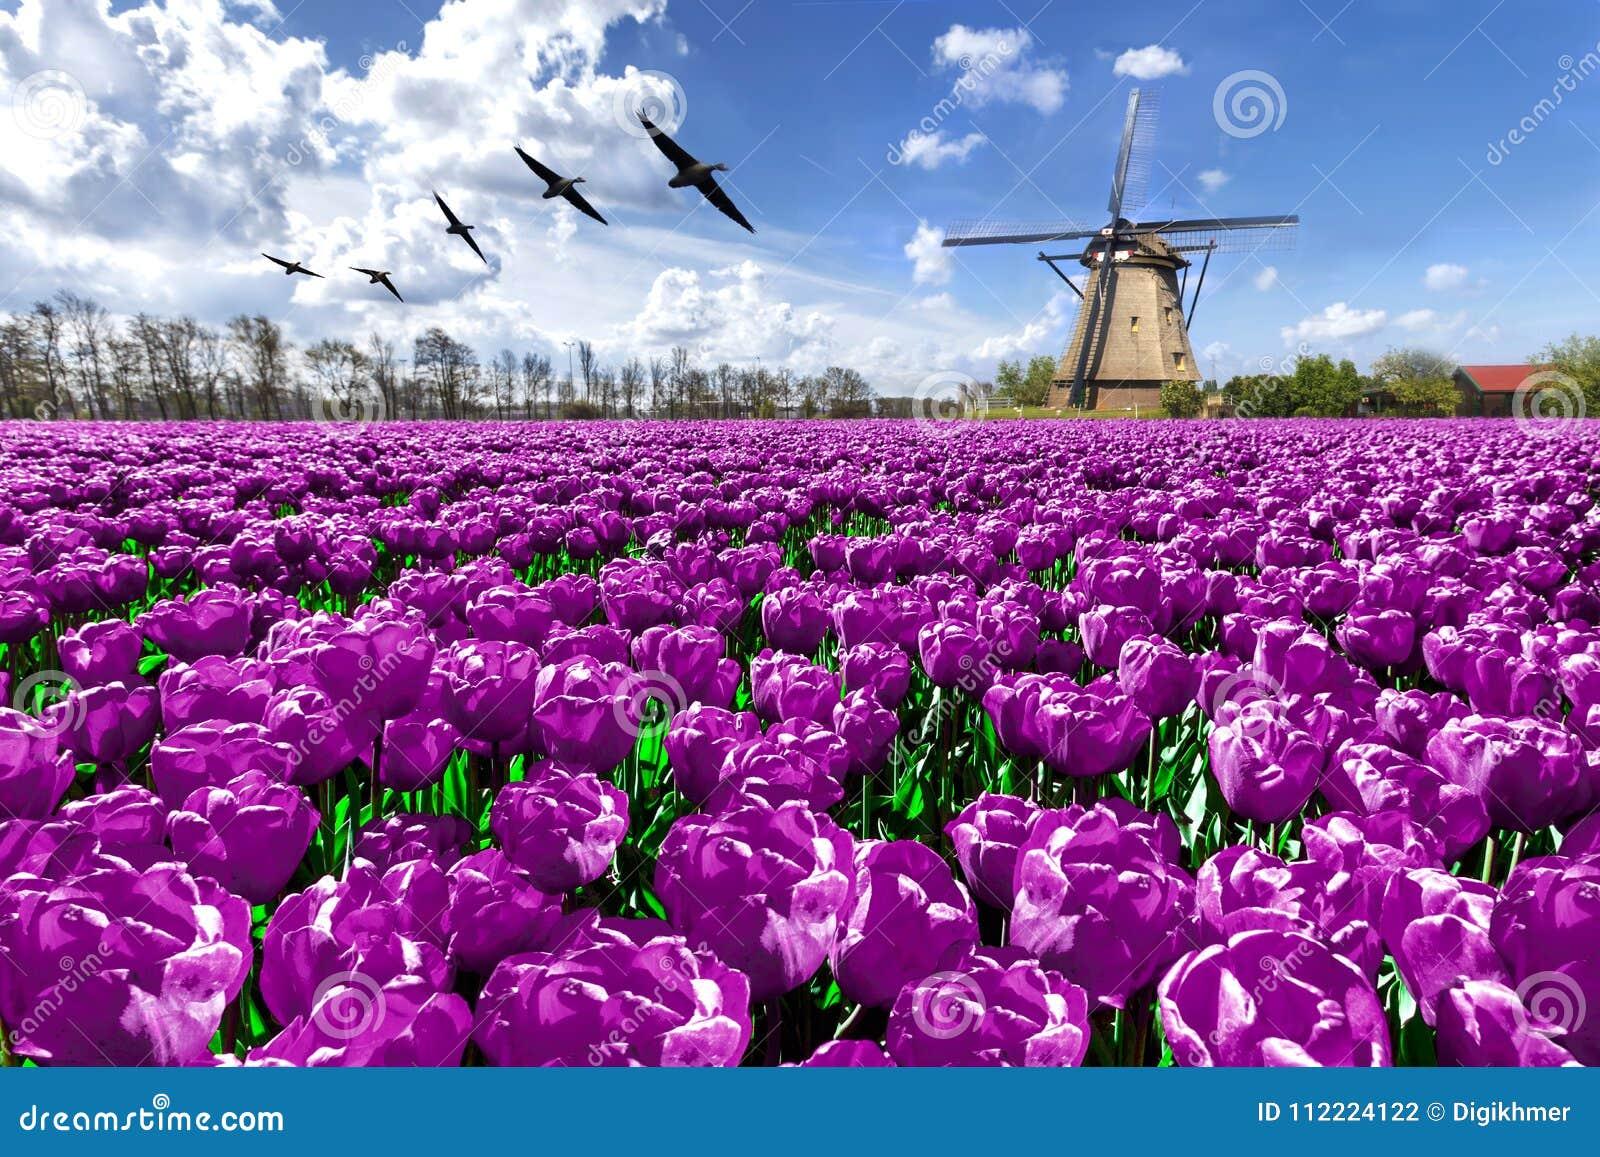 荷兰风车春天风景